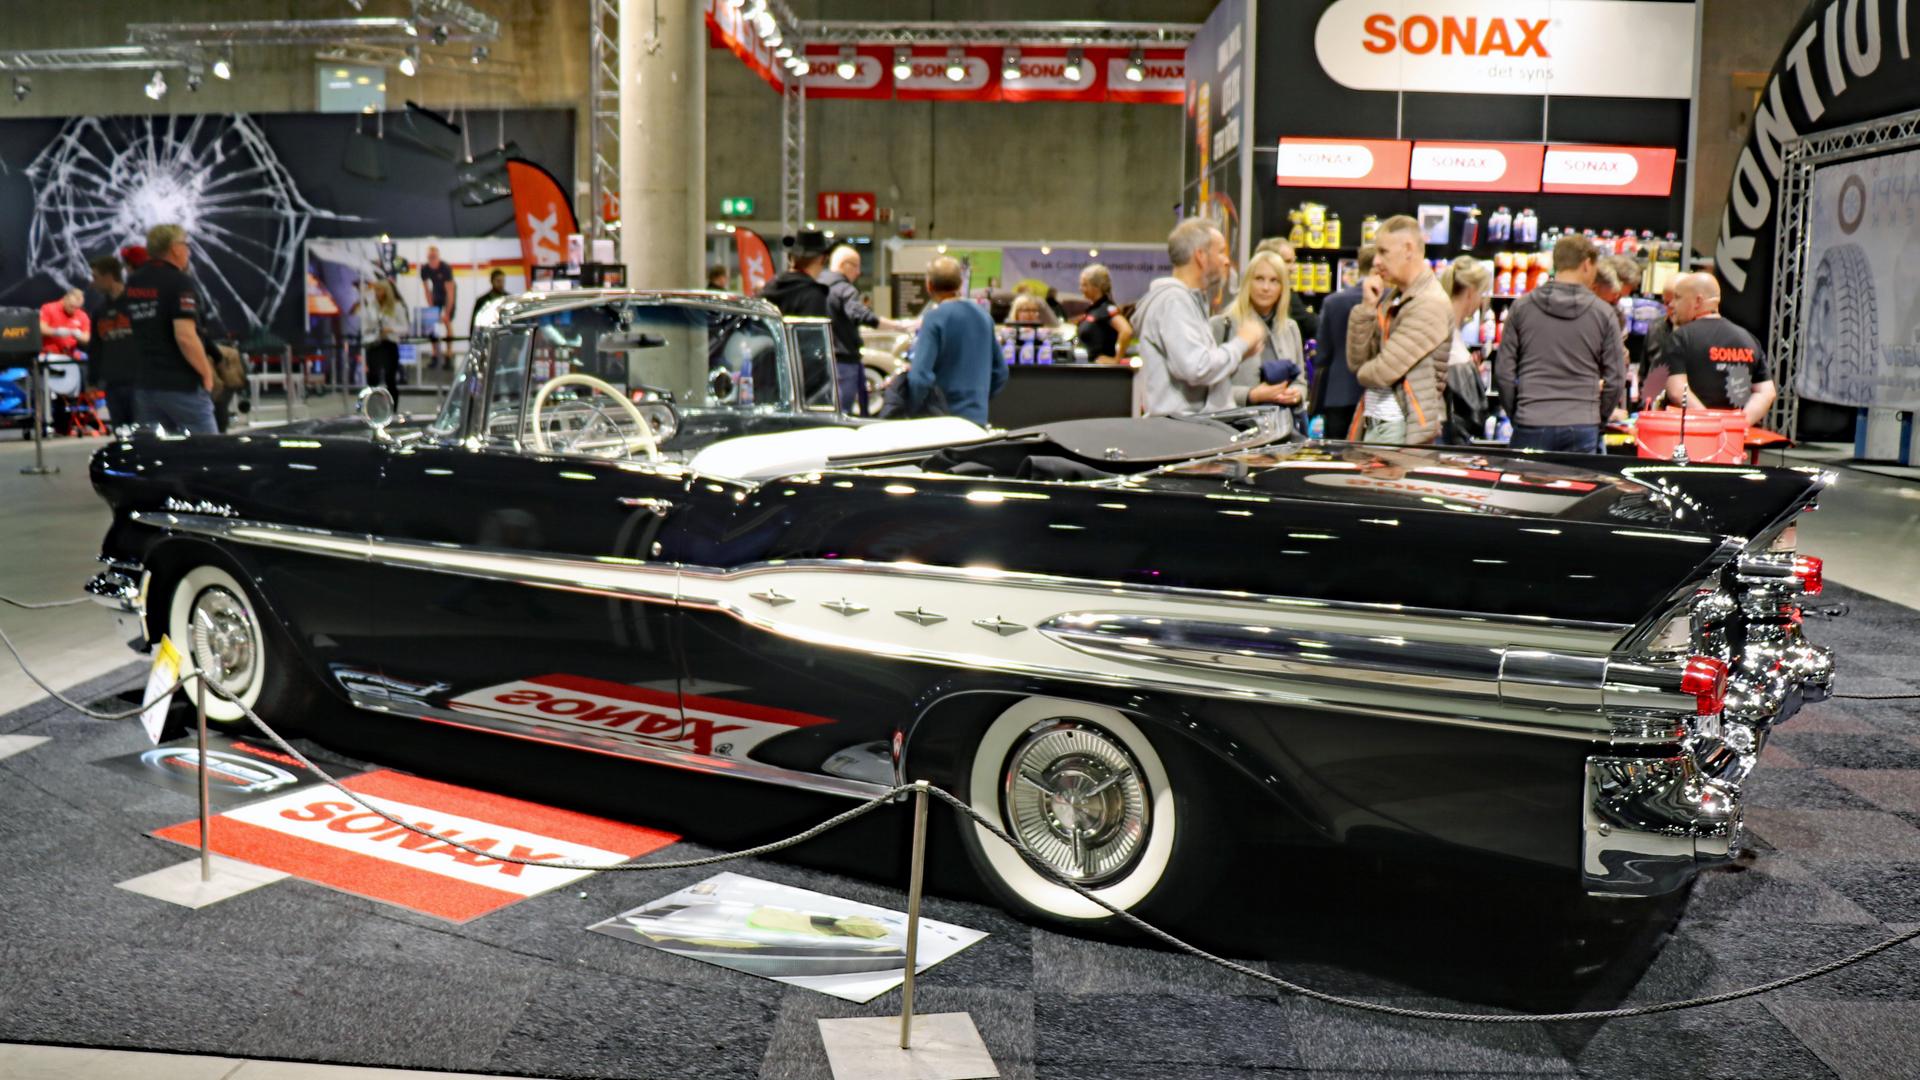 001-1957 Pontiac Star Chief convertible 05, Eier-m